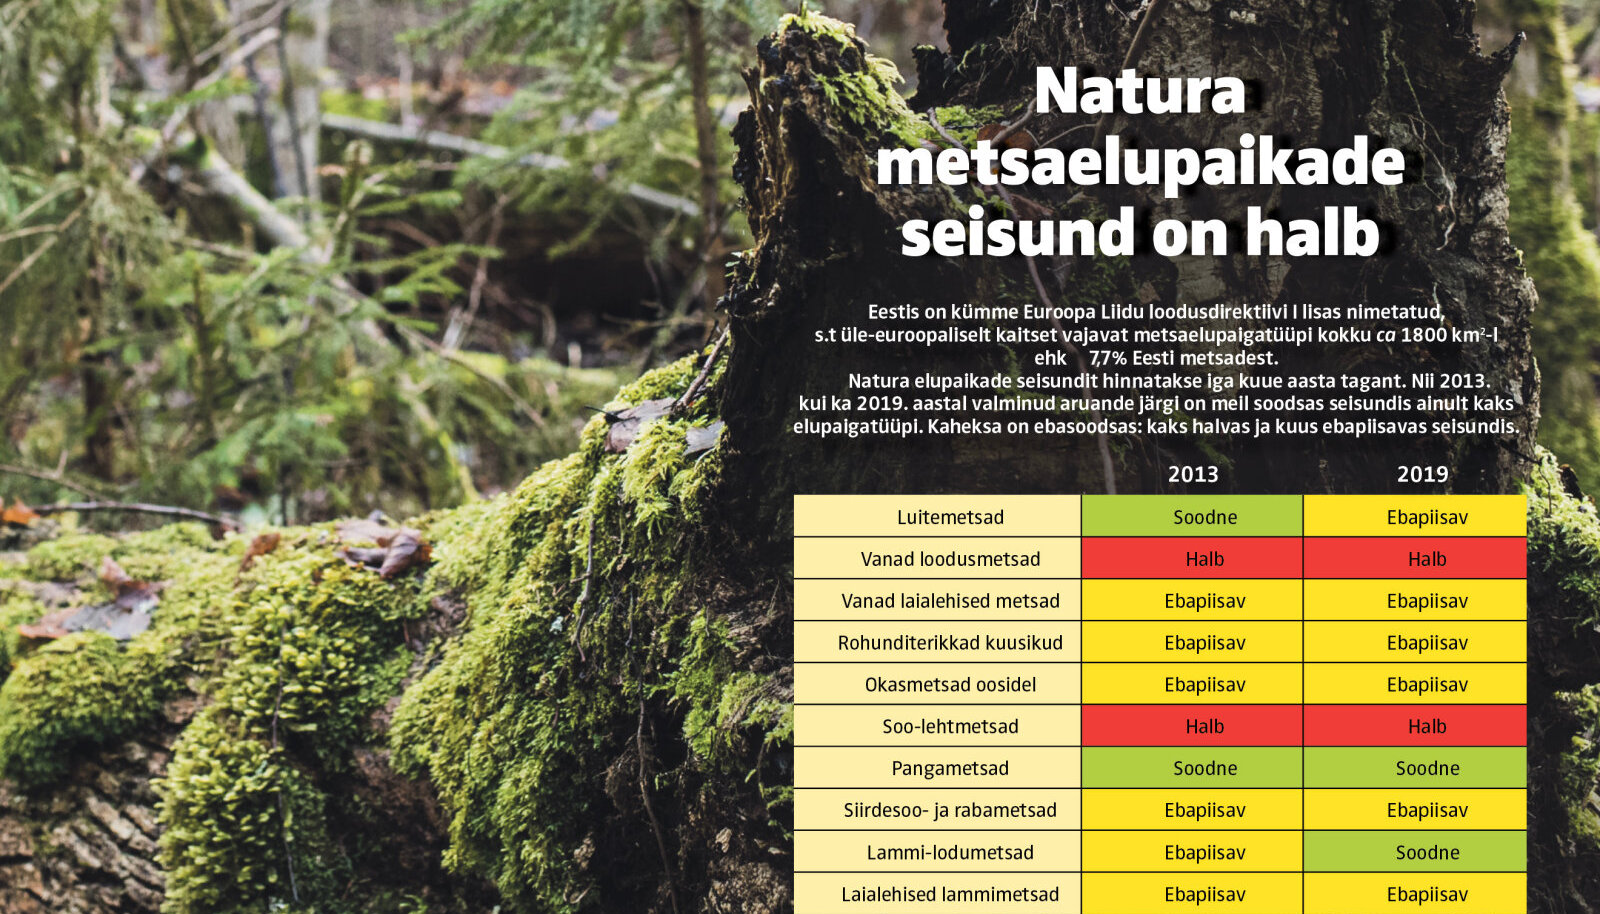 Plaanis on koostada ühine kaitsekorralduskava Natura 2000 alade kaitse-eesmärgiks olevate metsaelupaikade ja metsaliikide kaitseks ning viia looduskaitseseadusesse säte, mille alusel on võimalik tõhusamalt kaitsta väärtuslikke metsaelupaiku Natura 2000 aladel.